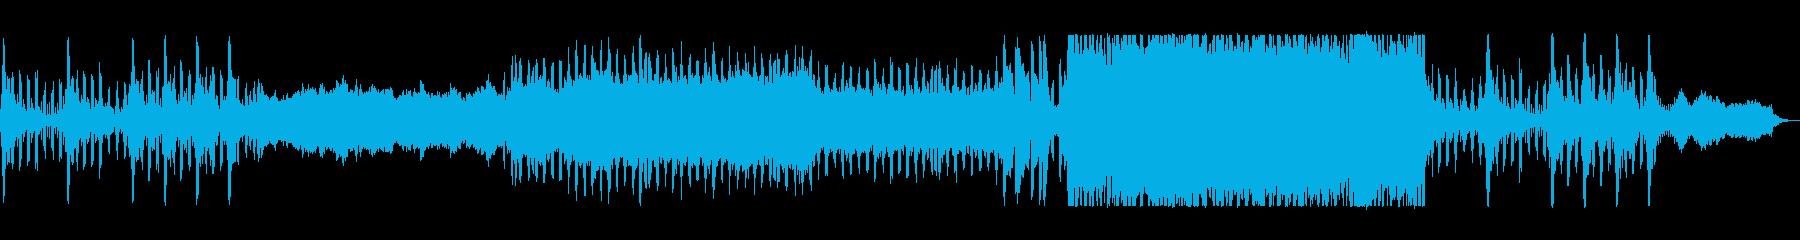 ポジティブポップなテクノ応援サウンドの再生済みの波形